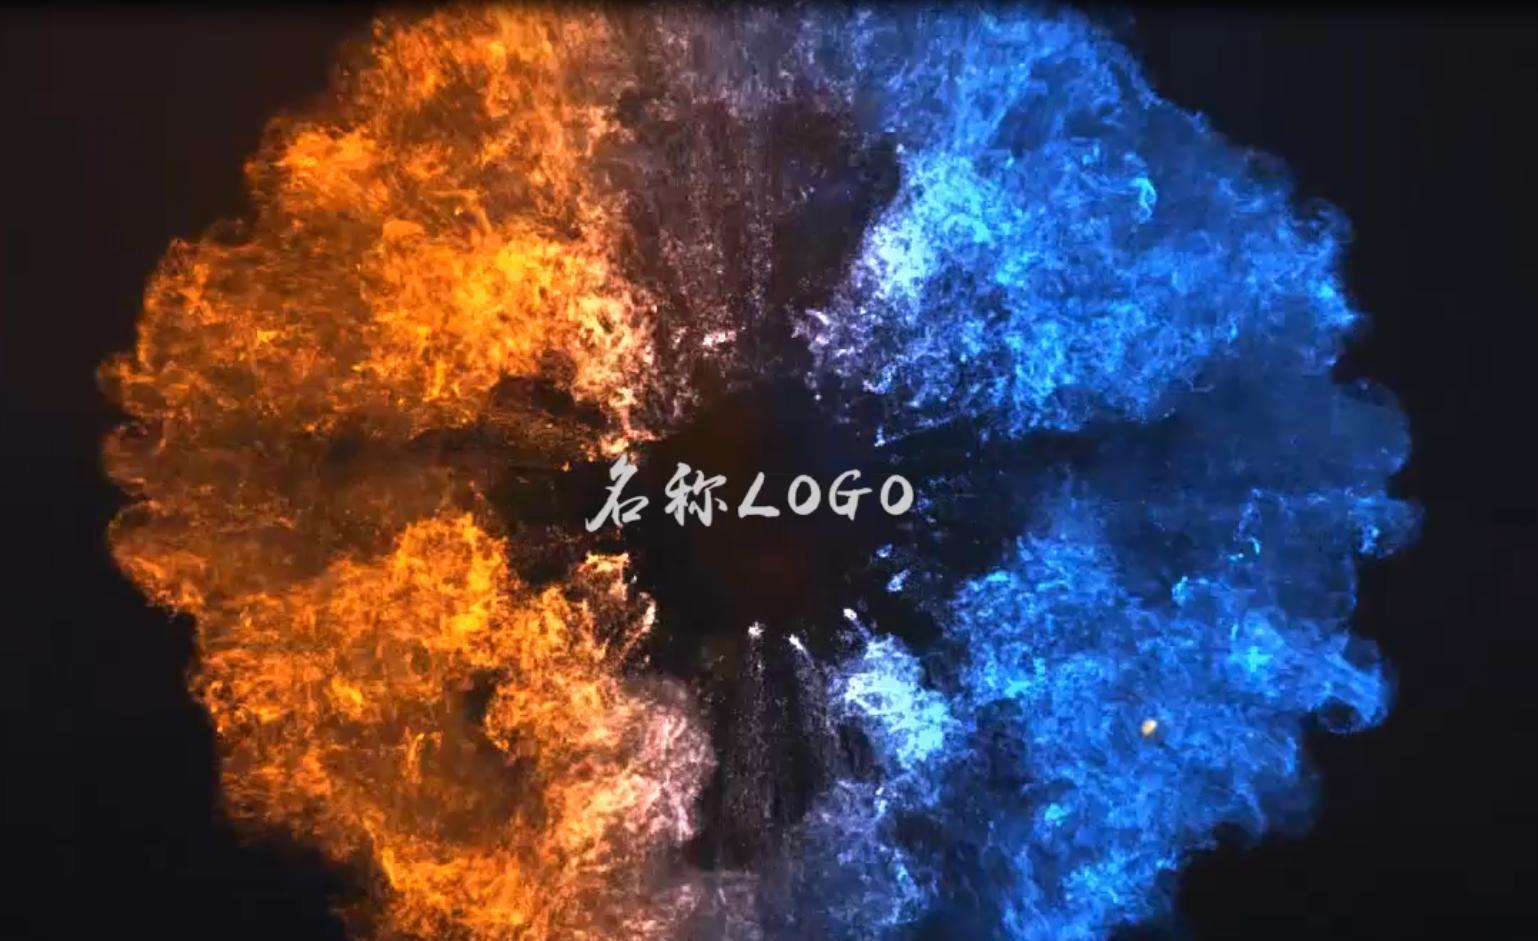 震撼冰火红蓝光效对撞logo片头演绎